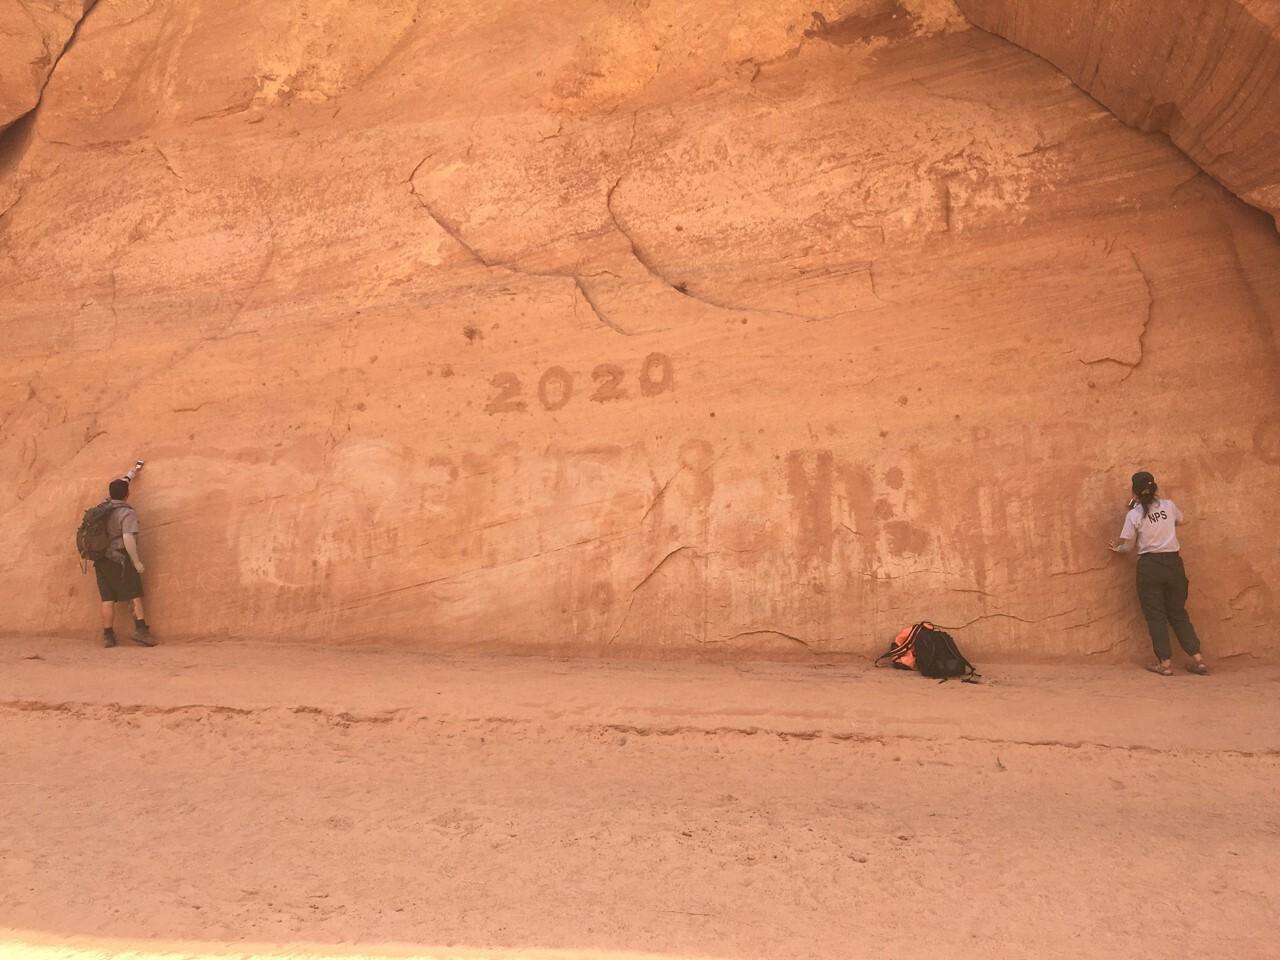 Antelope Canyon graffiti